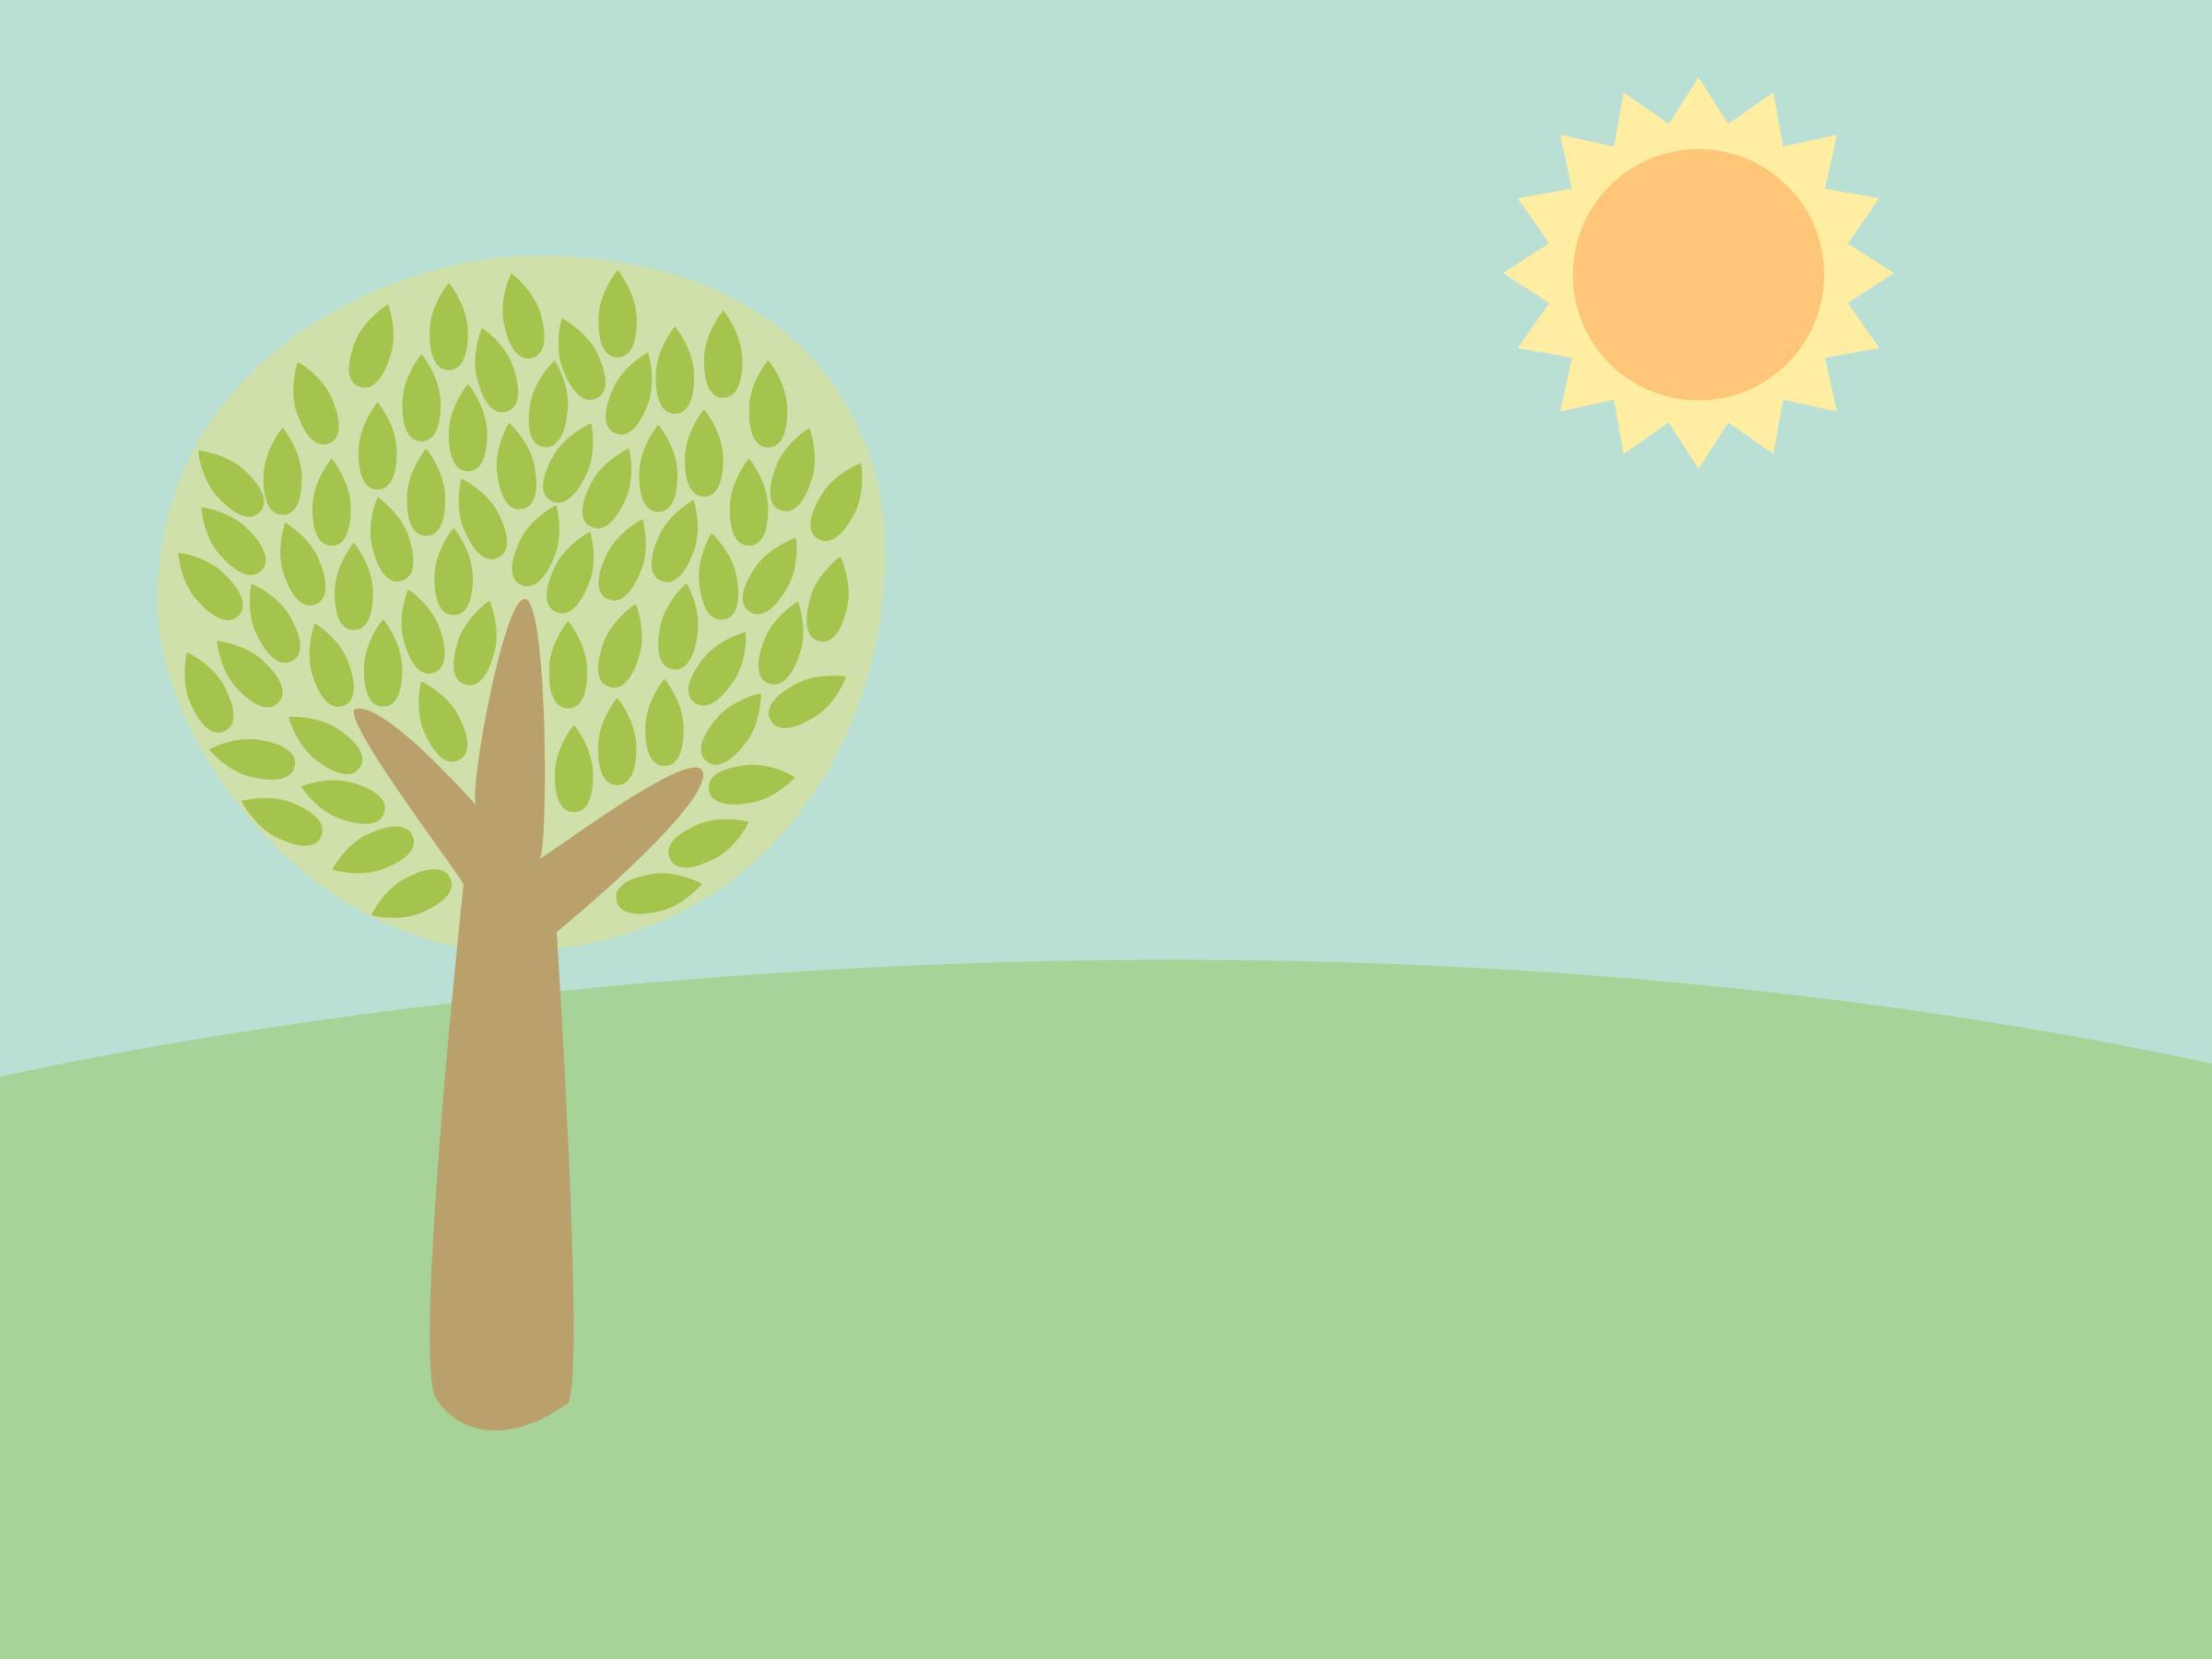 hình nền powerpoint ô nhiễm môi trường